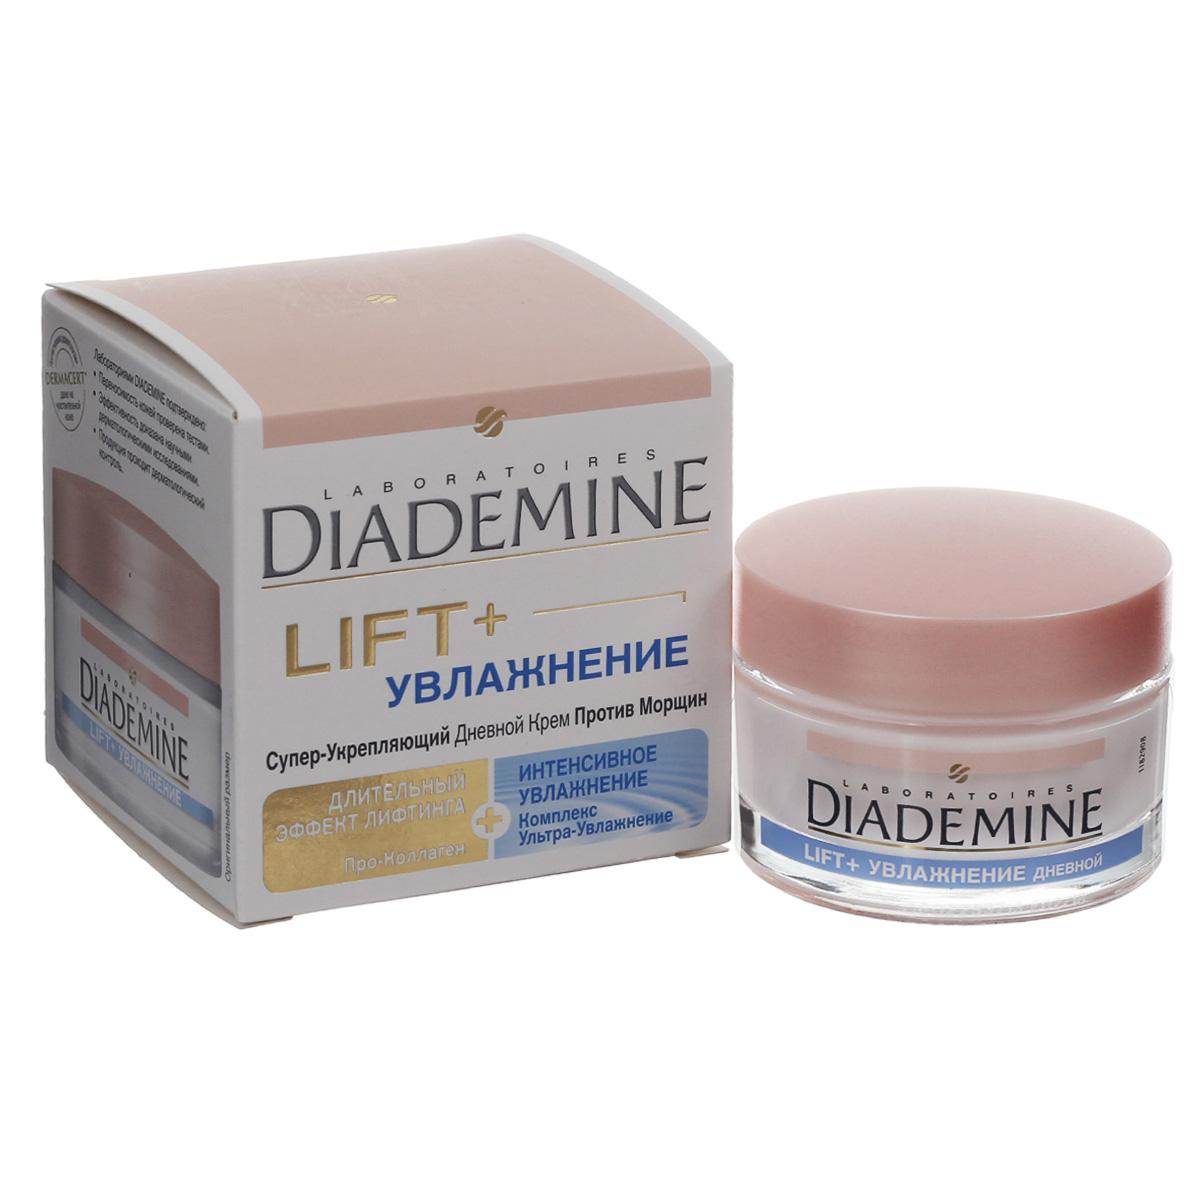 DIADEMINE LIFT+ Дневной крем Увлажнение, 50мл9430025DIADEMINE LIFT+ УВЛАЖНЕНИЕ повышает упругость кожи, разглаживает мимические и глубокие морщины, совмещая действие сильного активатора образования коллагена и интенсивное увлажнение. Высокоэффективная формула с Коллаген-Активатором воздействует на 5 типов коллагена как в глубоких слоях кожи, так и в поверхностных, обеспечивая максимальную эластичность и упругость кожи в течение всего дня.ВОЗРАСТНАЯ РЕКОМЕНДАЦИЯ: 30 -50 лет